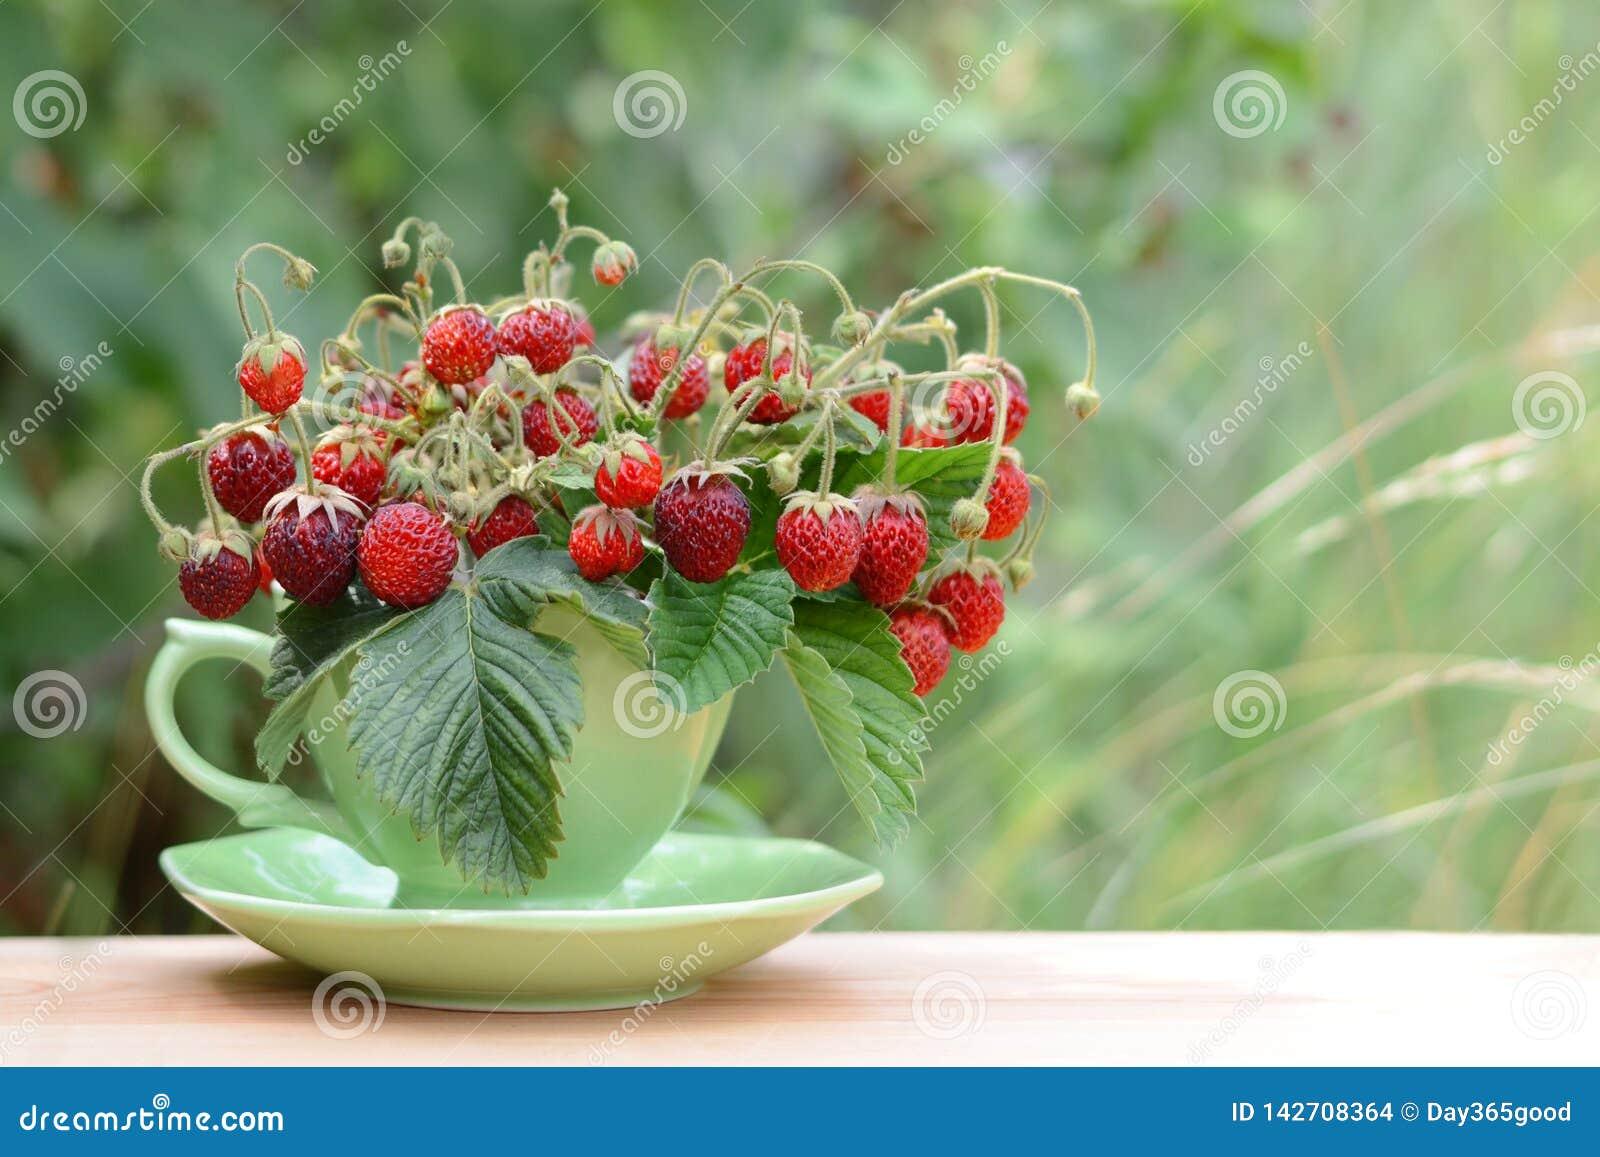 Truskawki w filiżance na zielonym tle naturalny tła lato